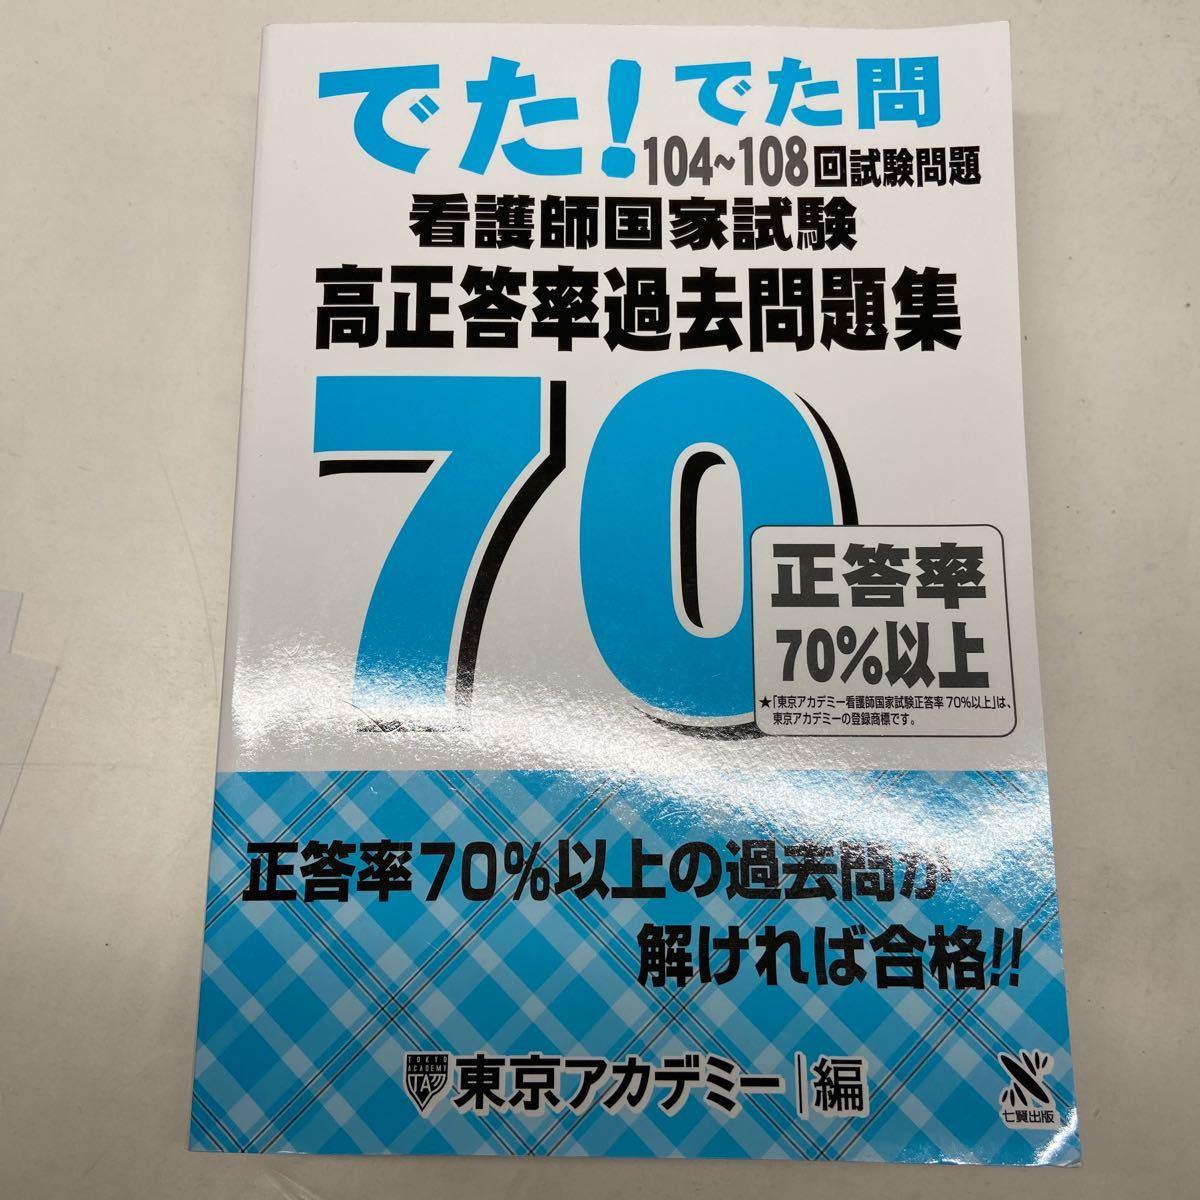 看護師国家試験高正答率過去問題集 でた! でた問104〜108回試験問題/東京アカデミー